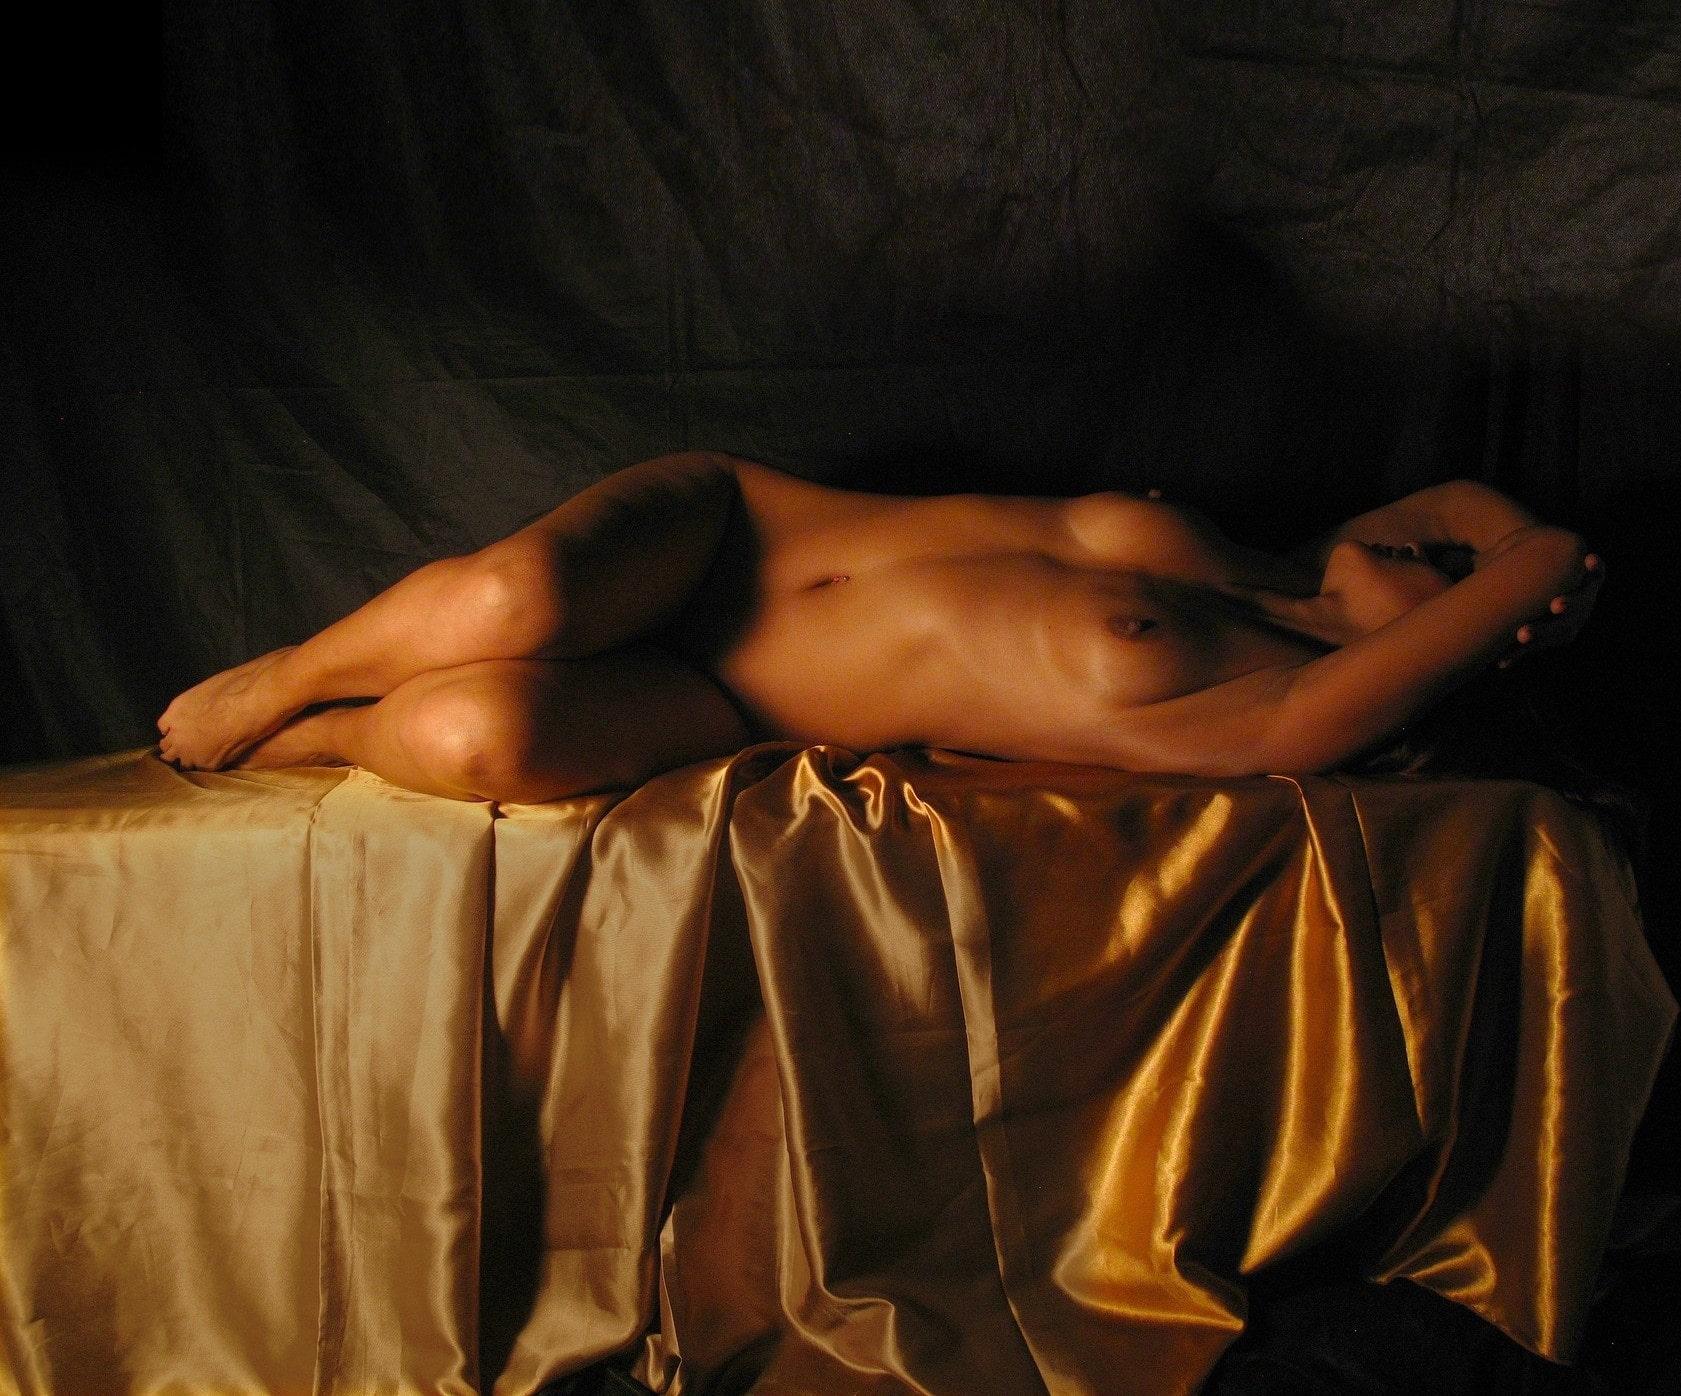 Riley Reid fleshlight